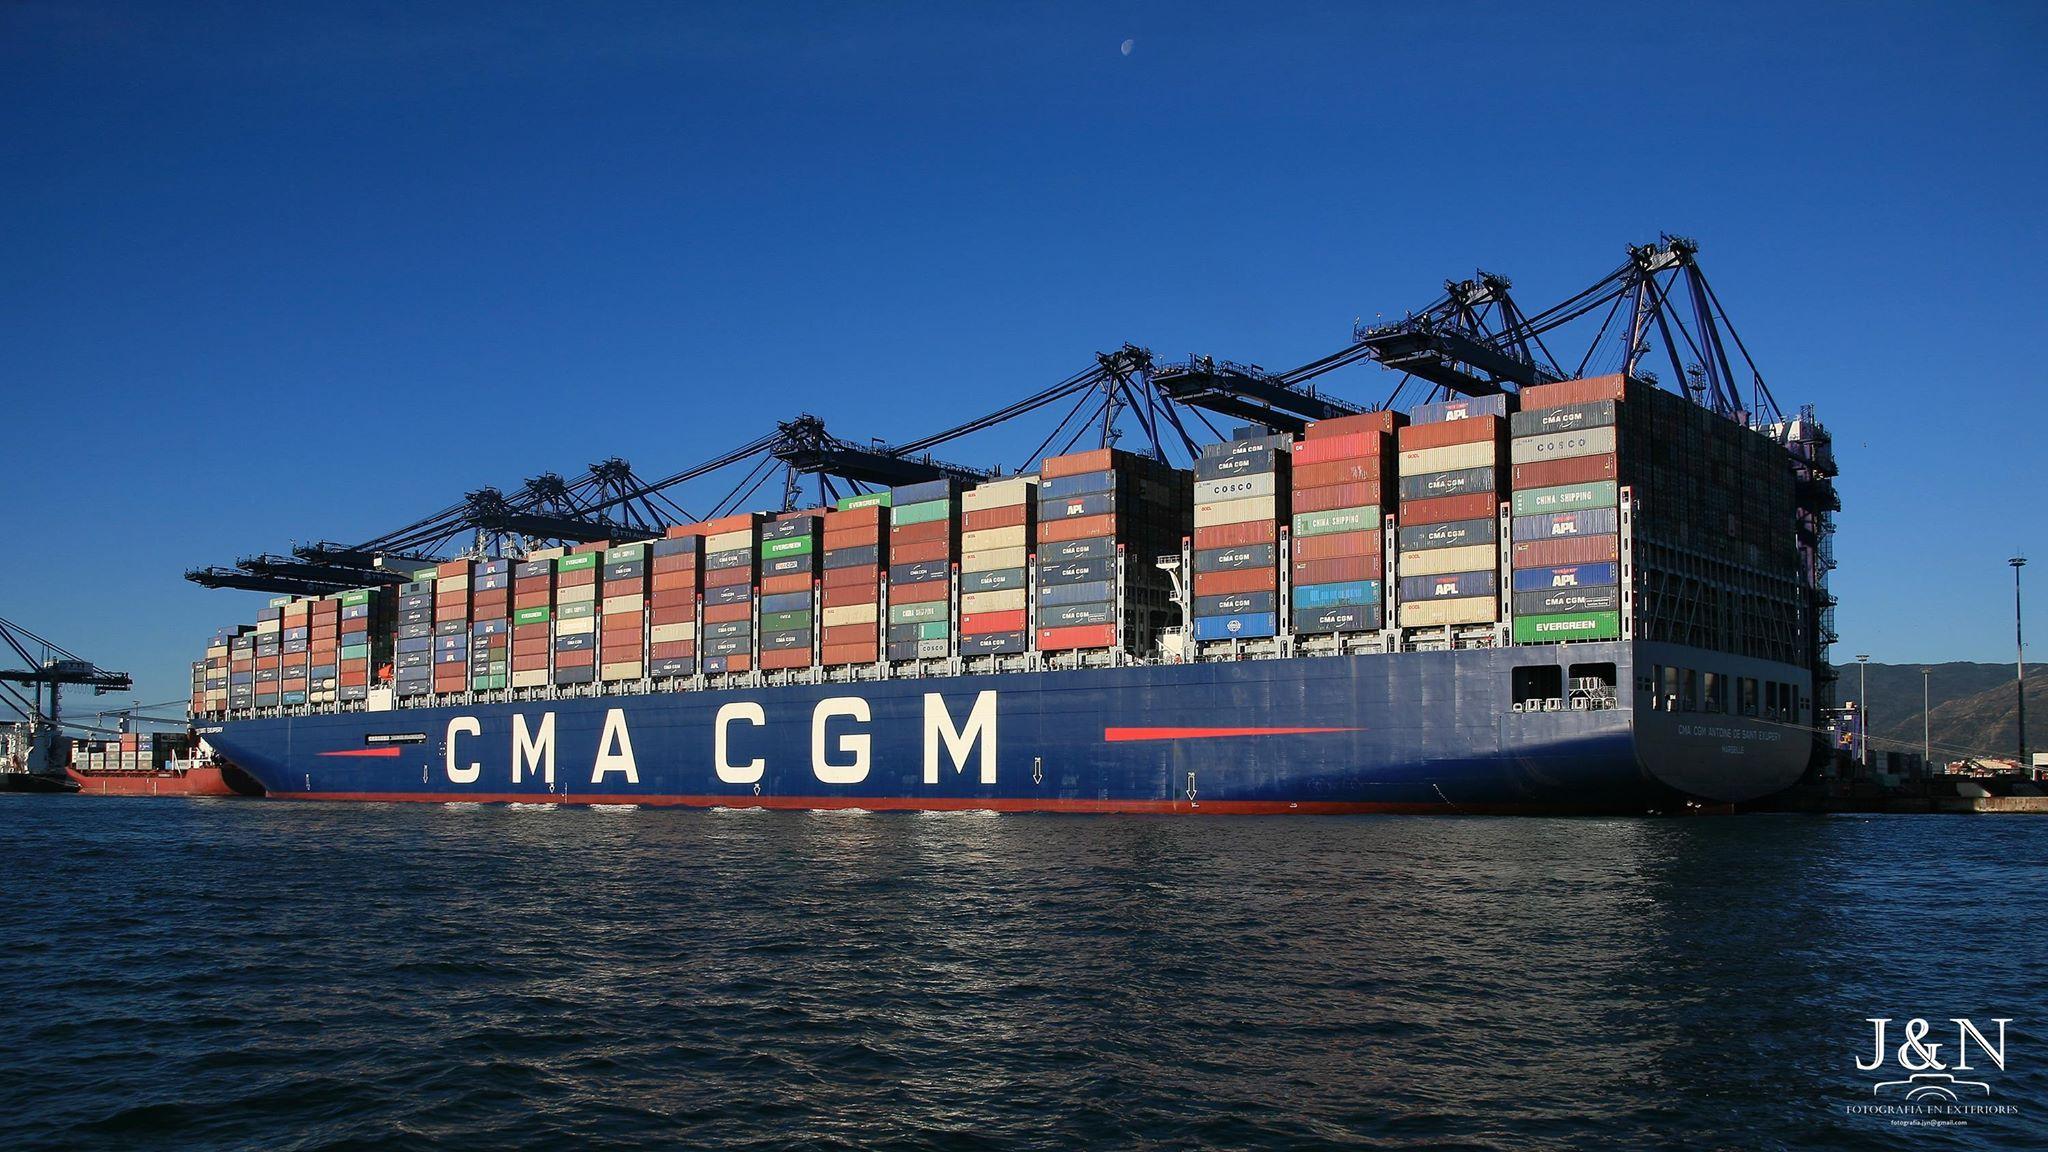 """La presencia del buque """"CMA CGM Antoine de Saint-Exupéry"""" marca un hito en la historia del puerto de Algeciras"""